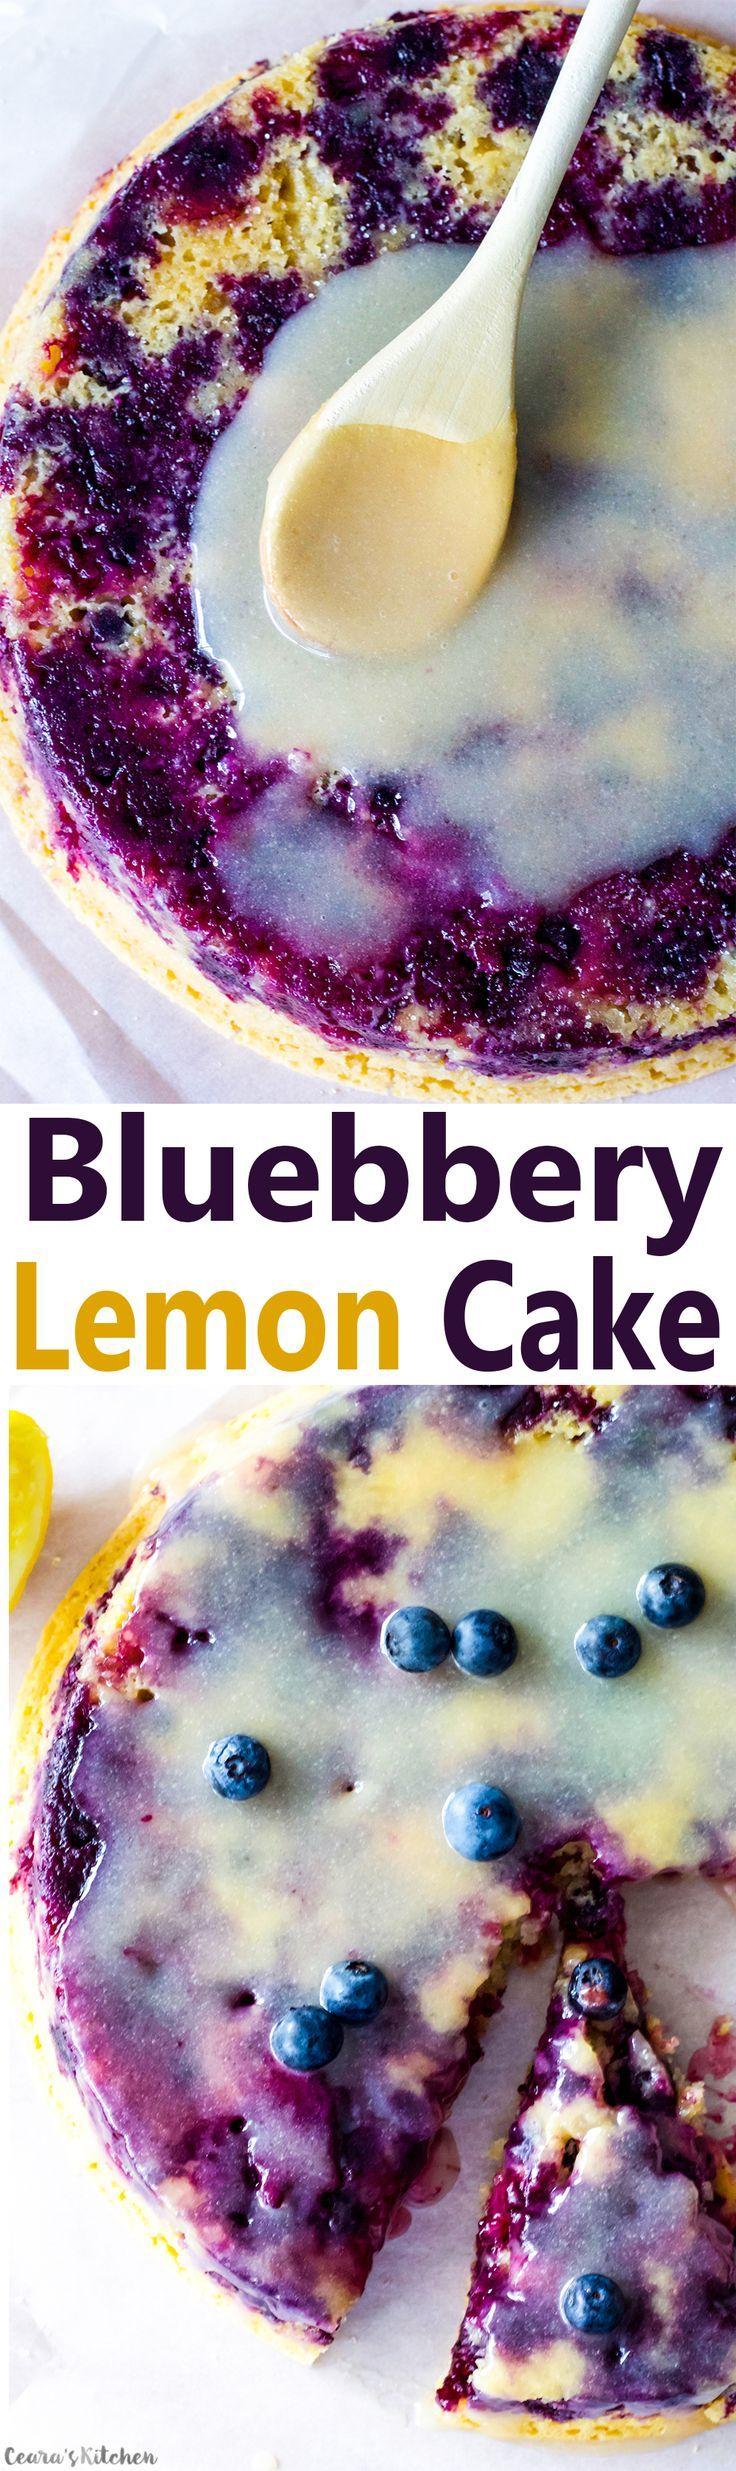 Moist, soft & sweet Vegan Lemon Blueberry Cake made with fresh lemon juice and ripe blueberries